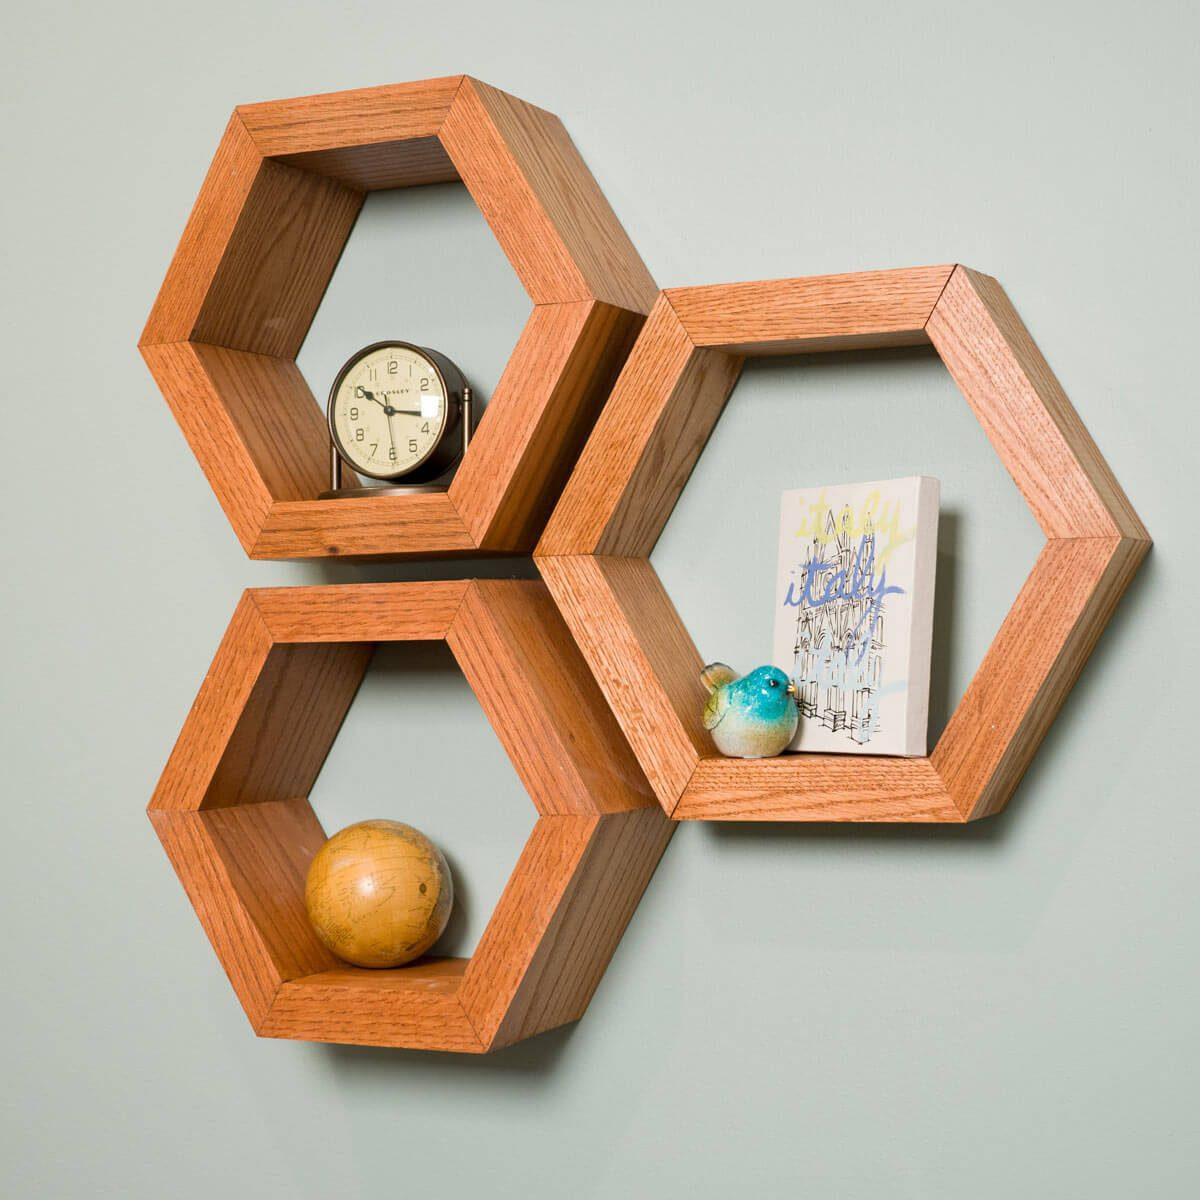 Hexagon Shelves